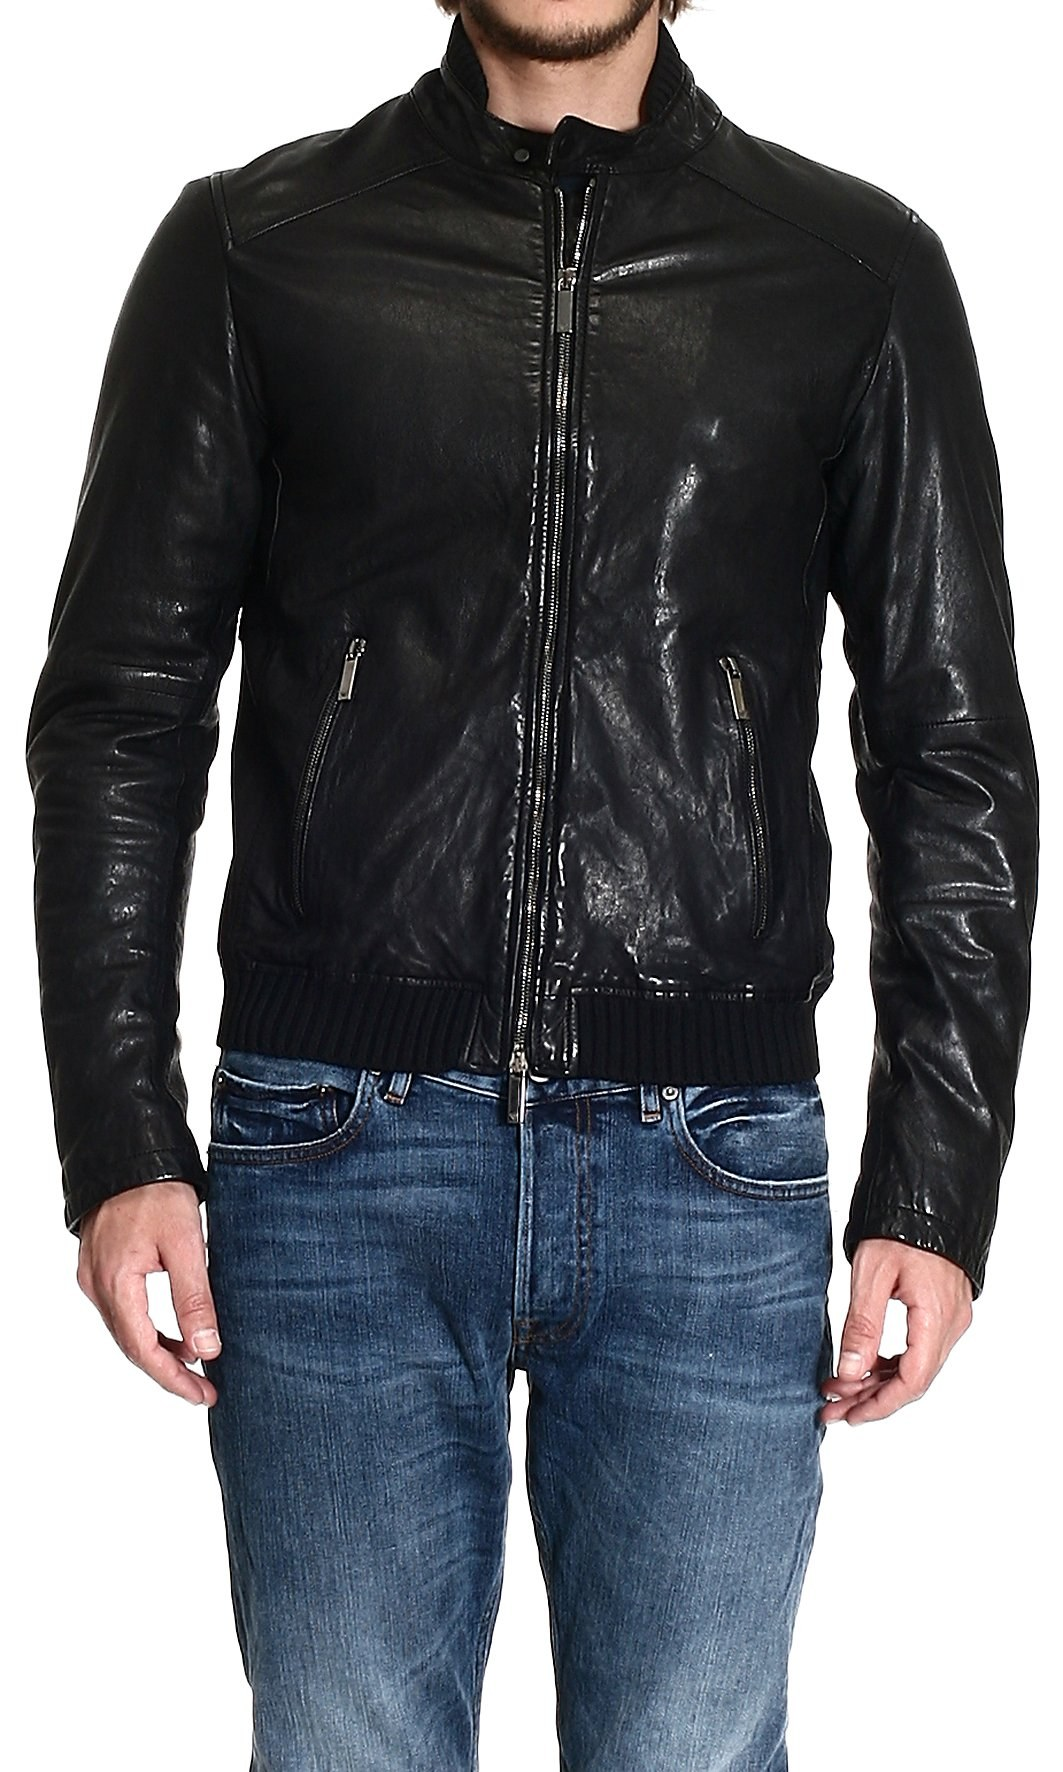 Giorgio armani leather jackets